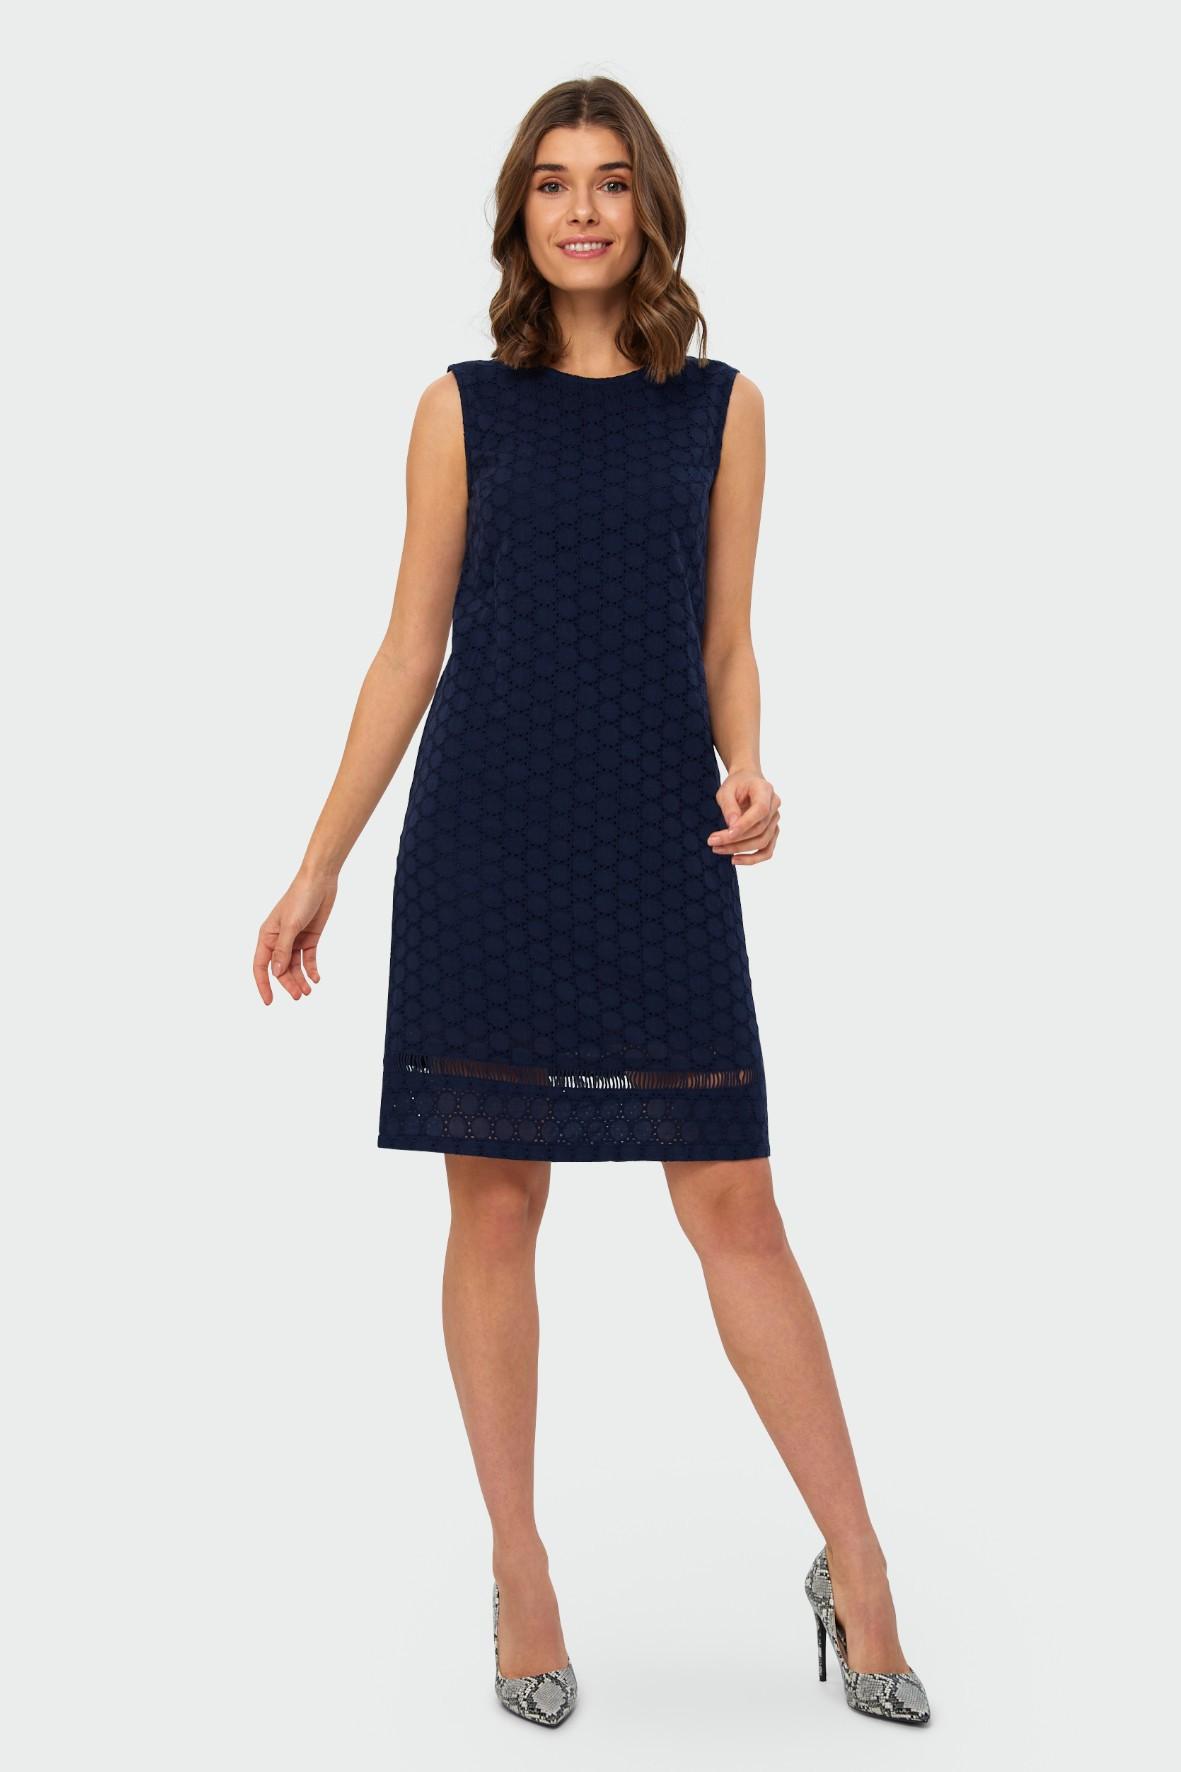 Granatowa bawełniana sukienka damska z haftowanej tkaniny